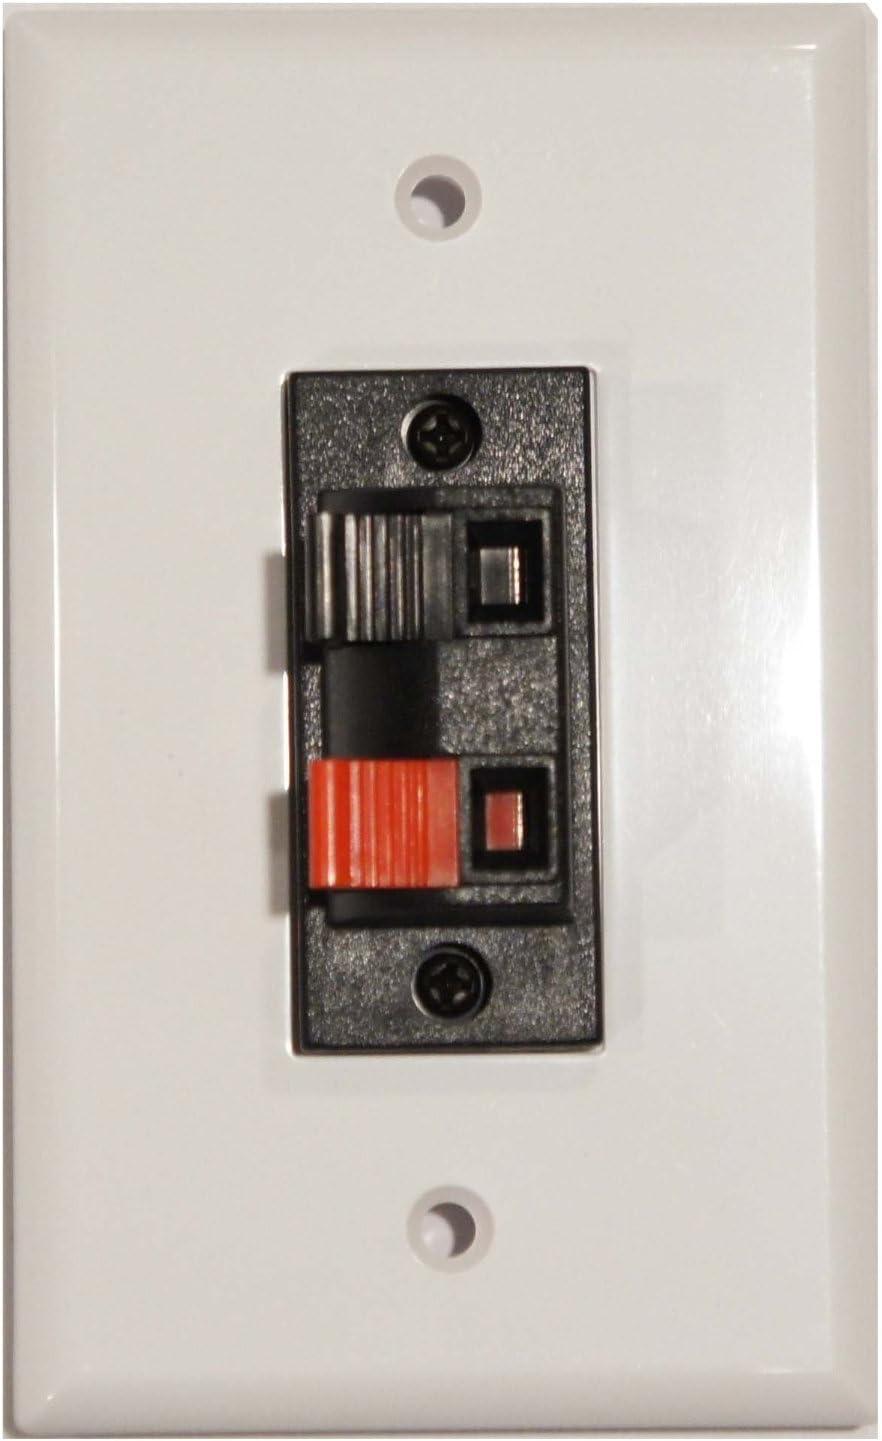 DEHA TV Remote Control for Samsung LA32A450C1VXSQ Television